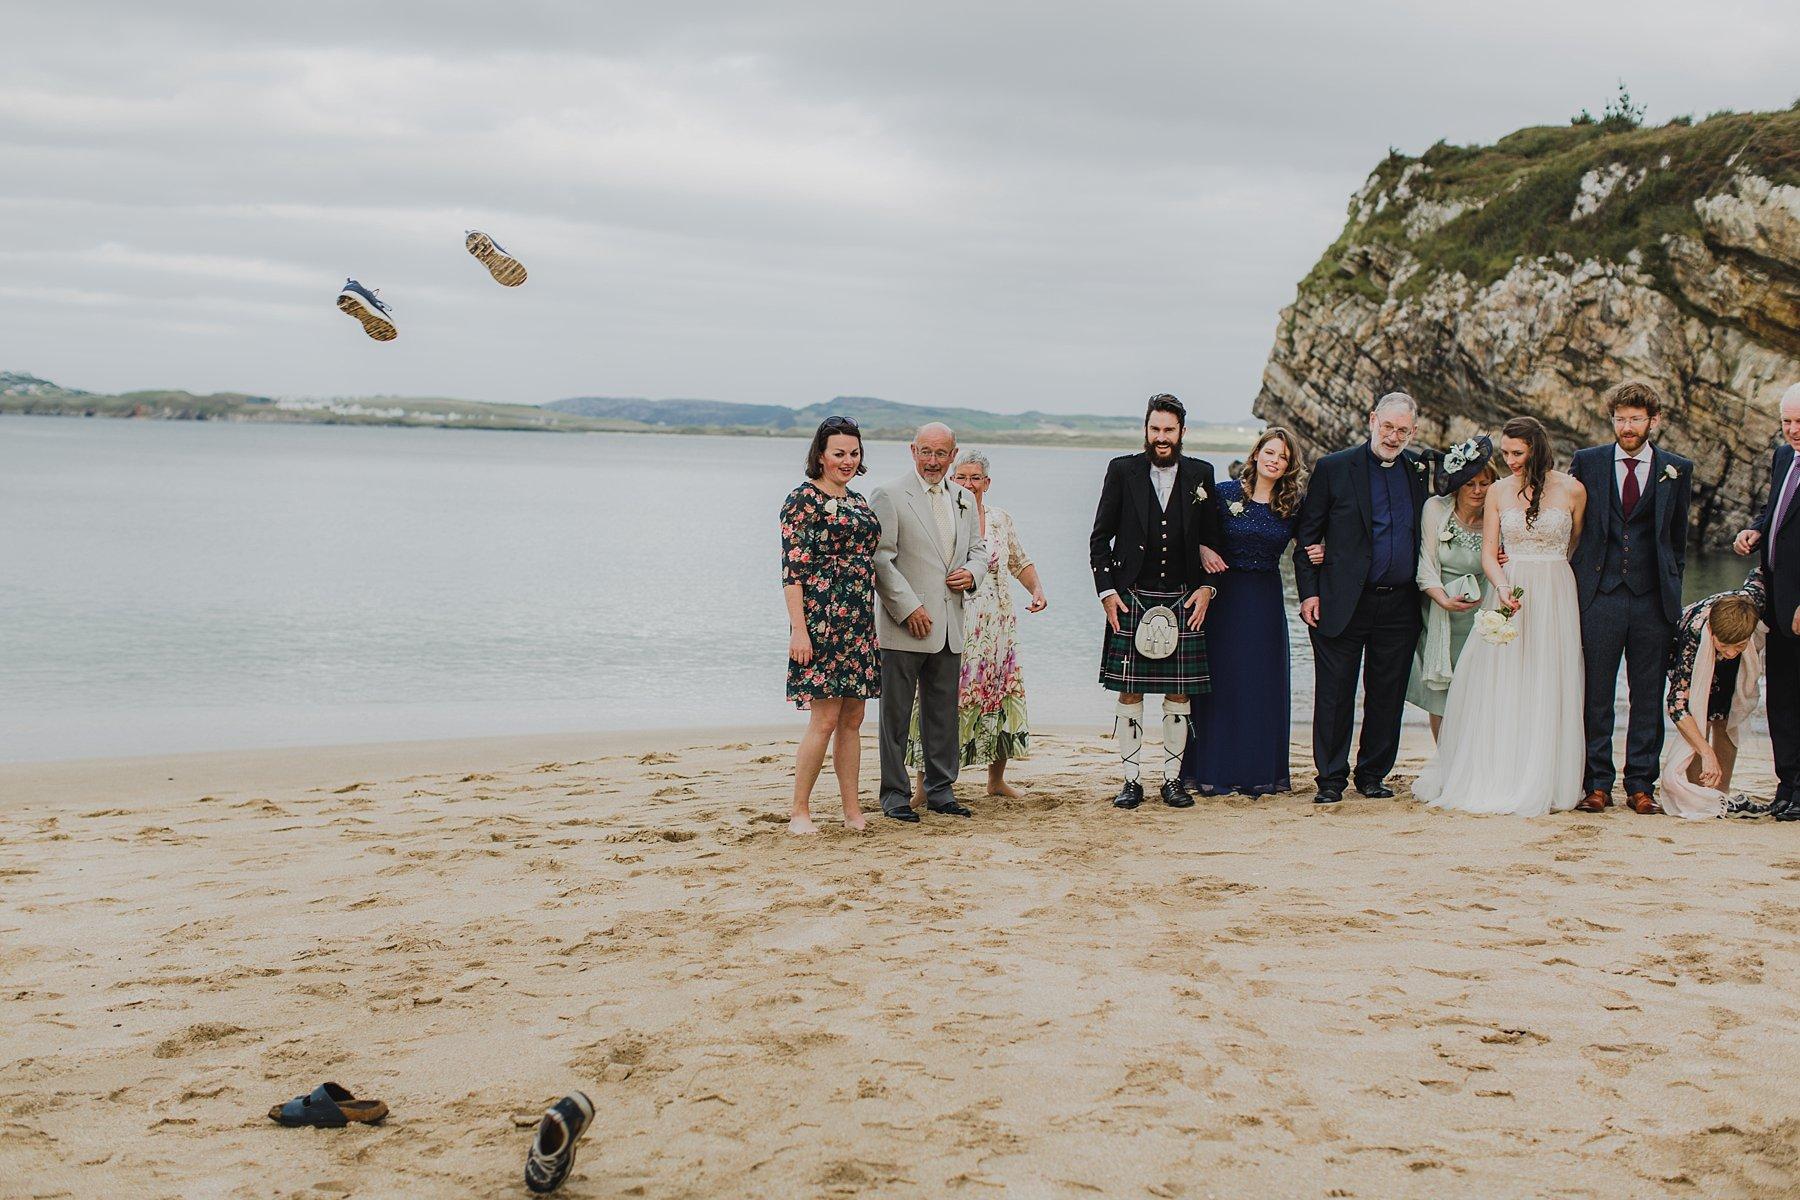 hornhead_donegak_elopement_weddings_0059